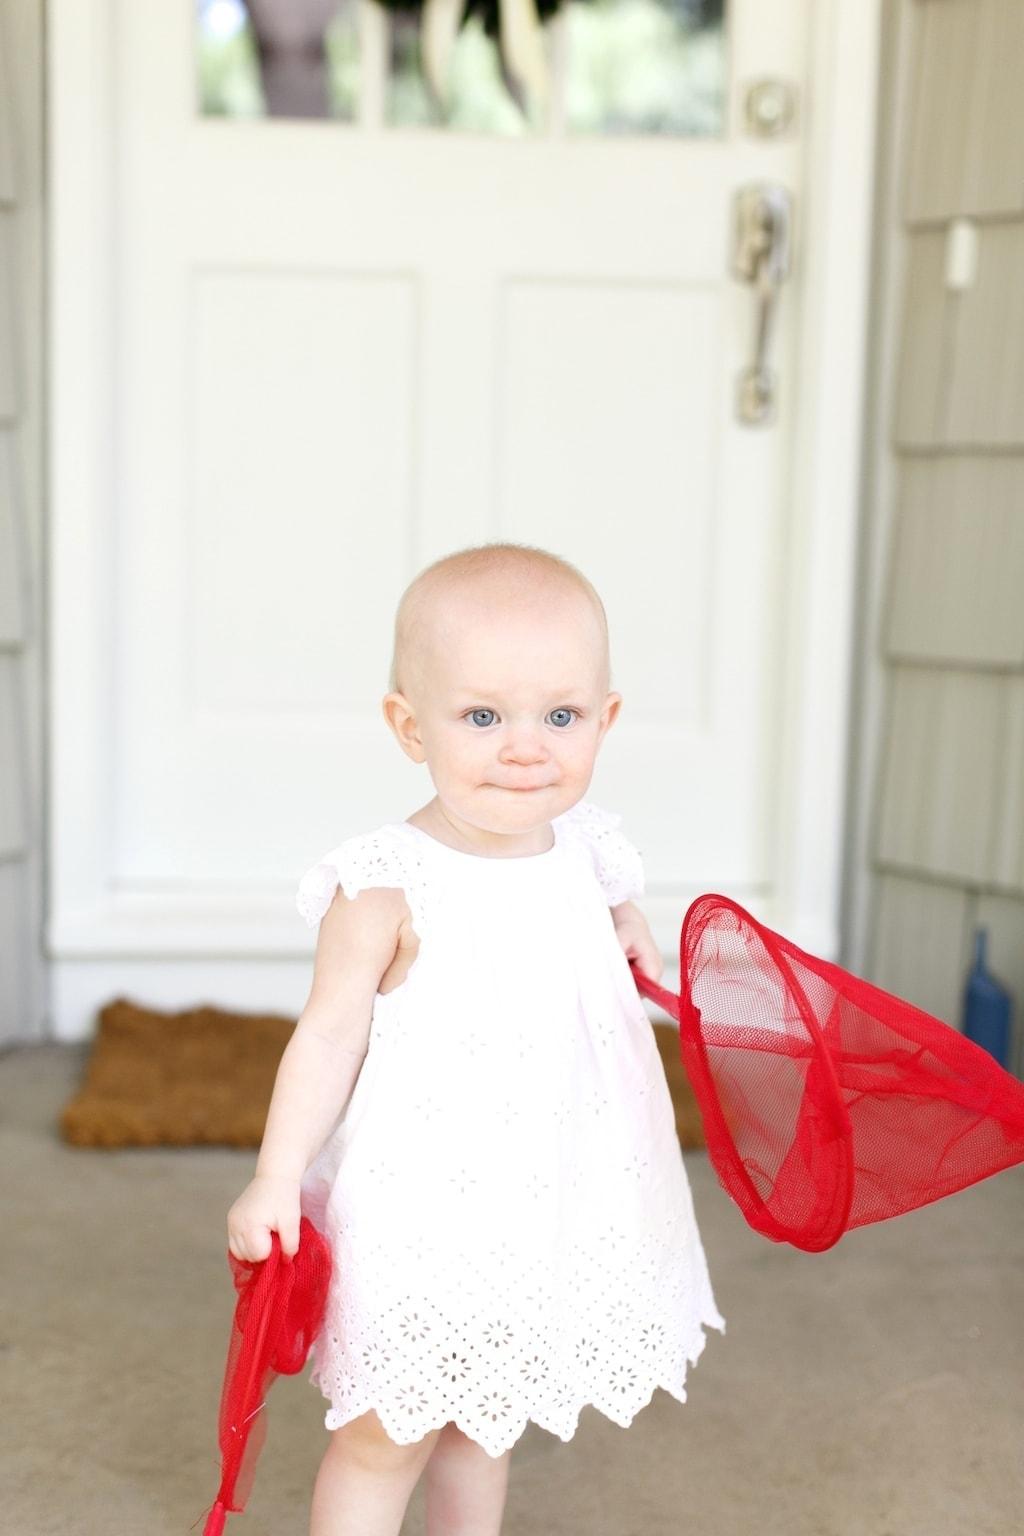 A little girl holding a net